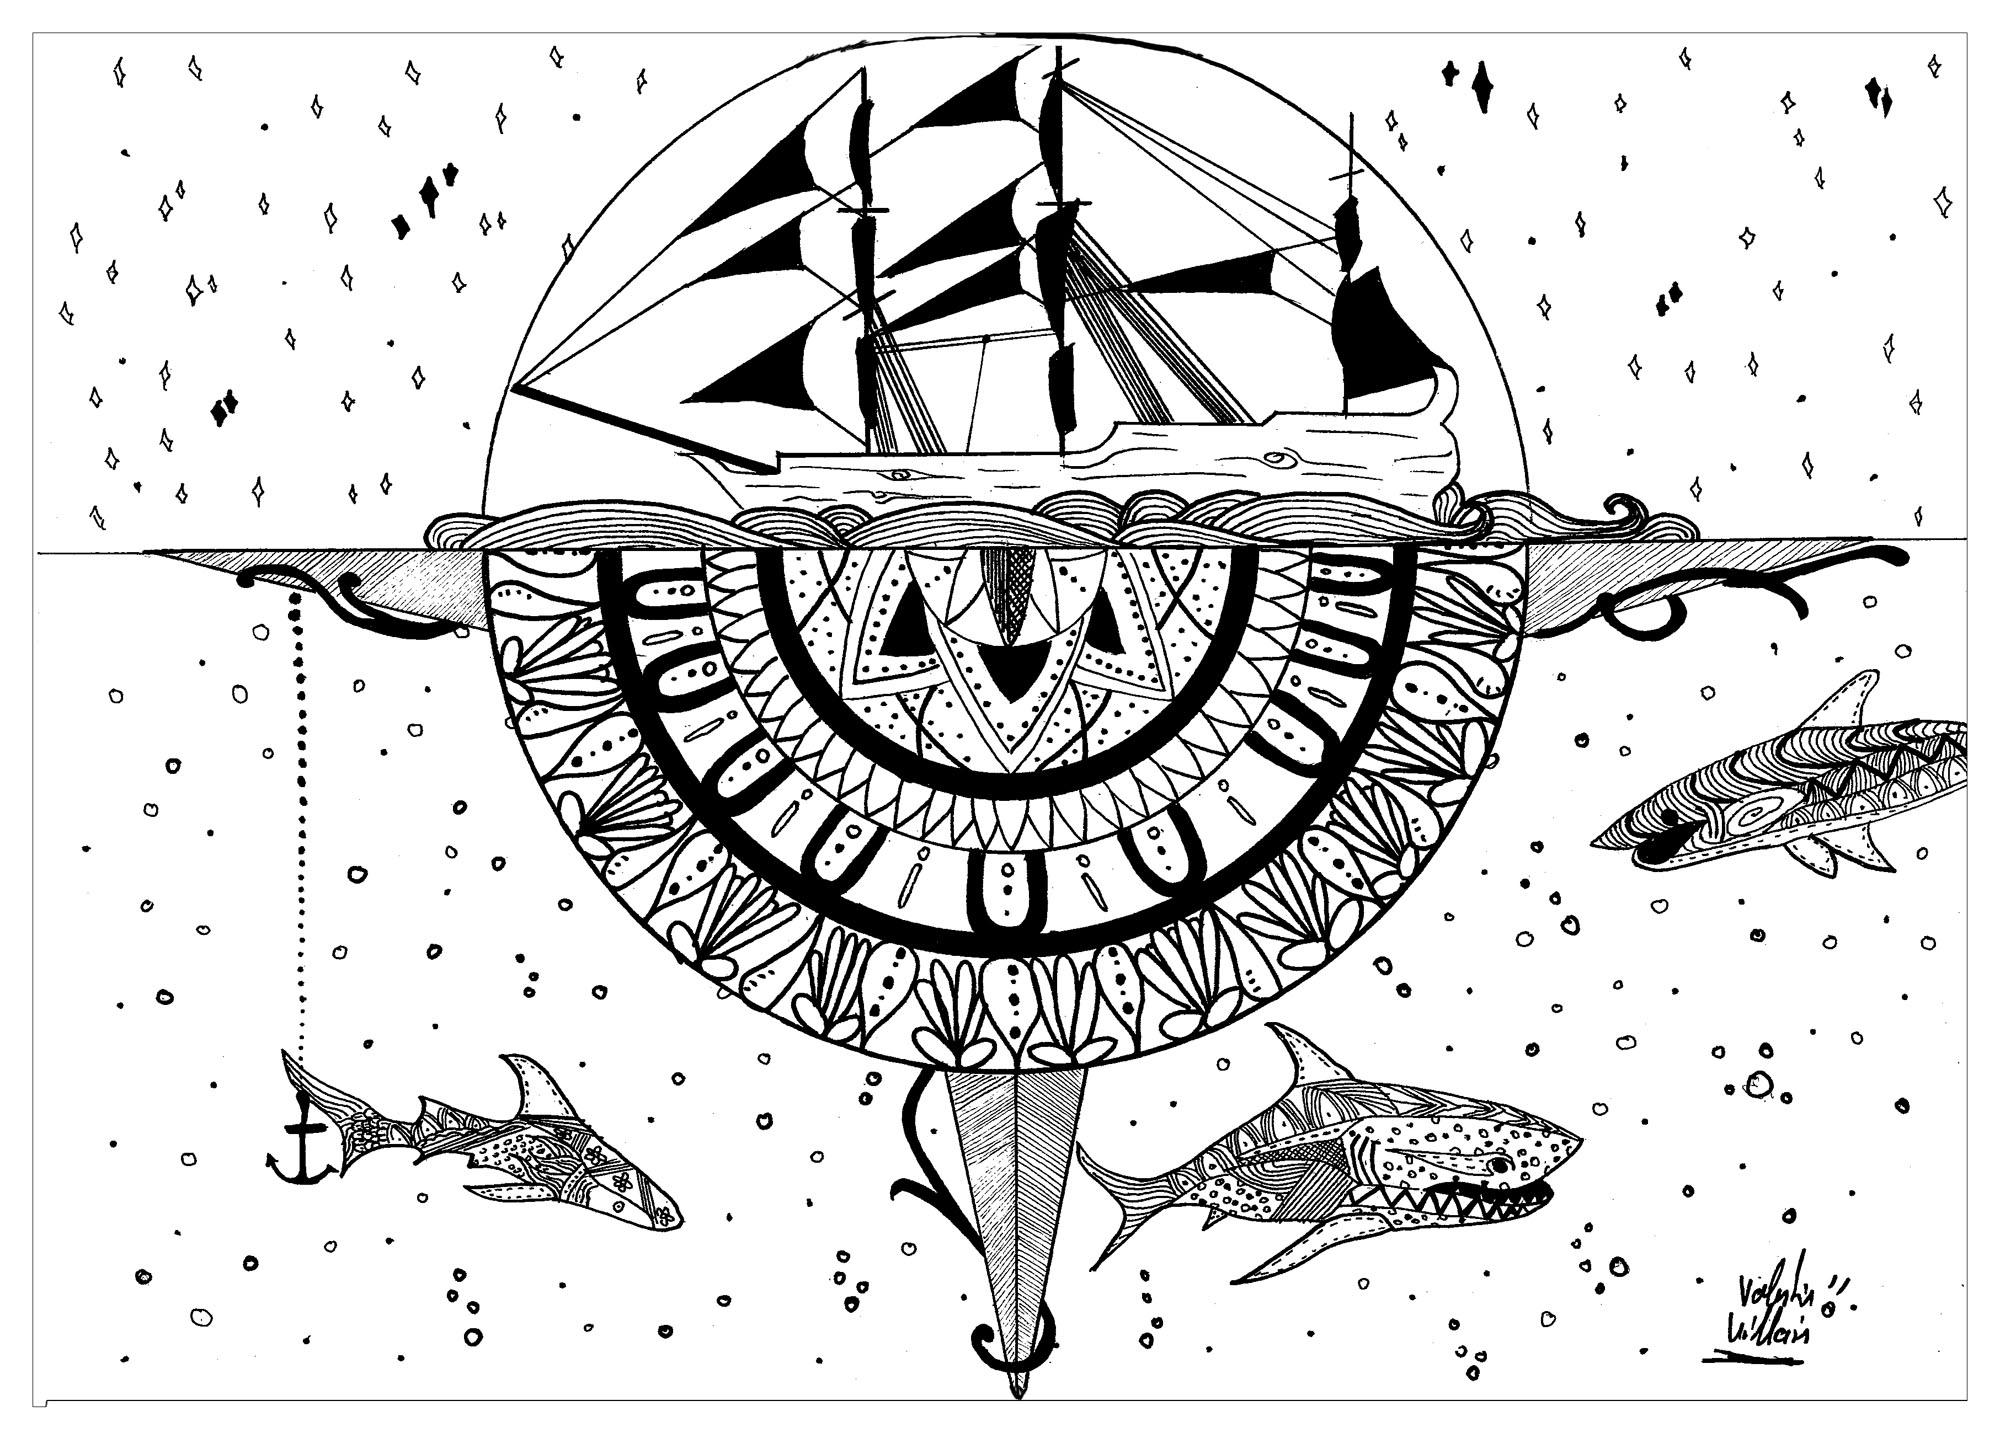 un coloriage typée Mandalas et inspirée du bateau Le Black Pearl dans Pirates des CaraÏbes